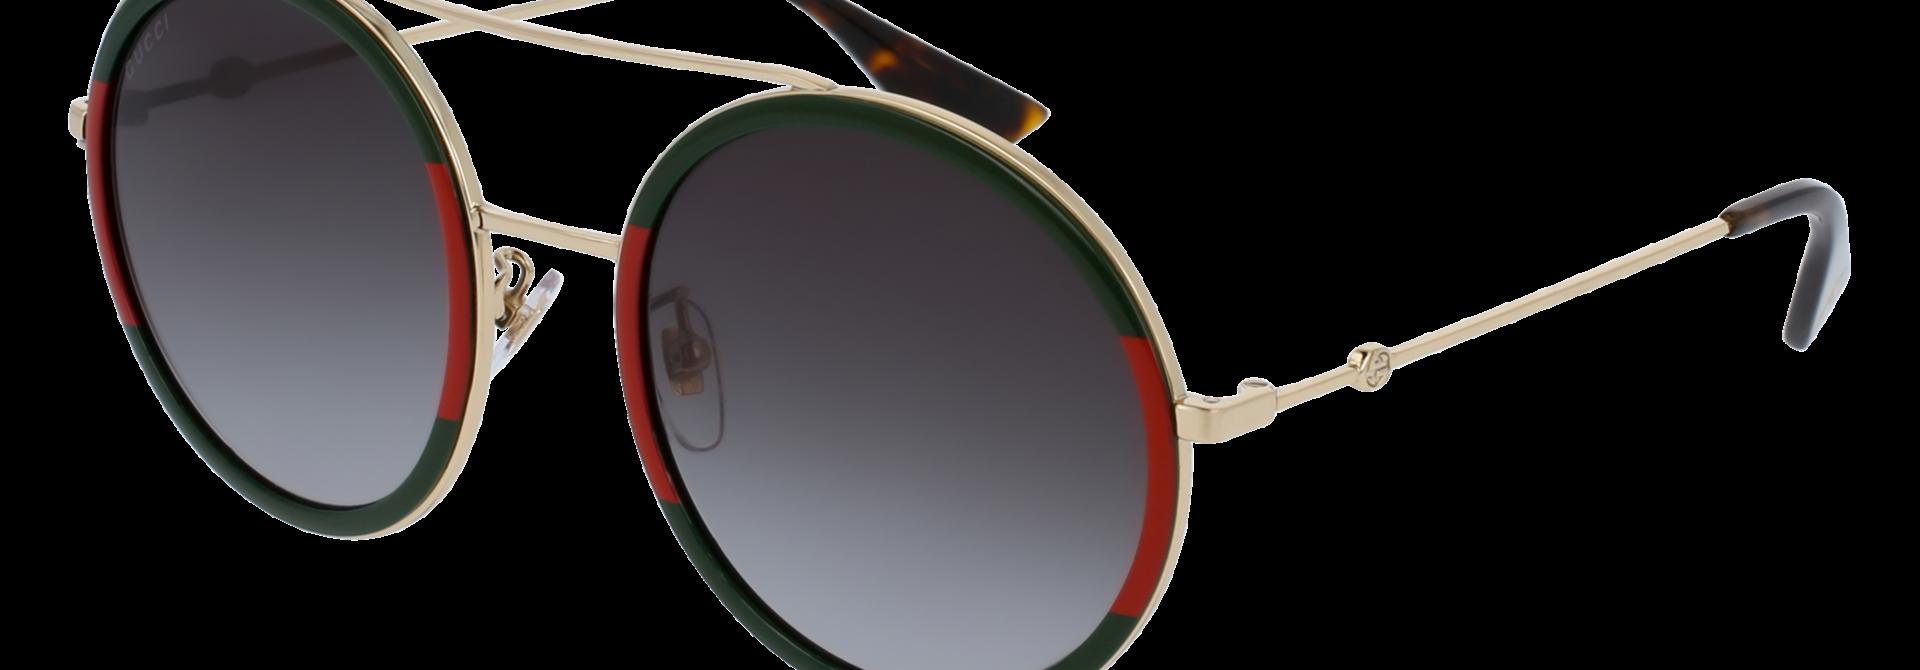 Gucci - GG0061S - 3